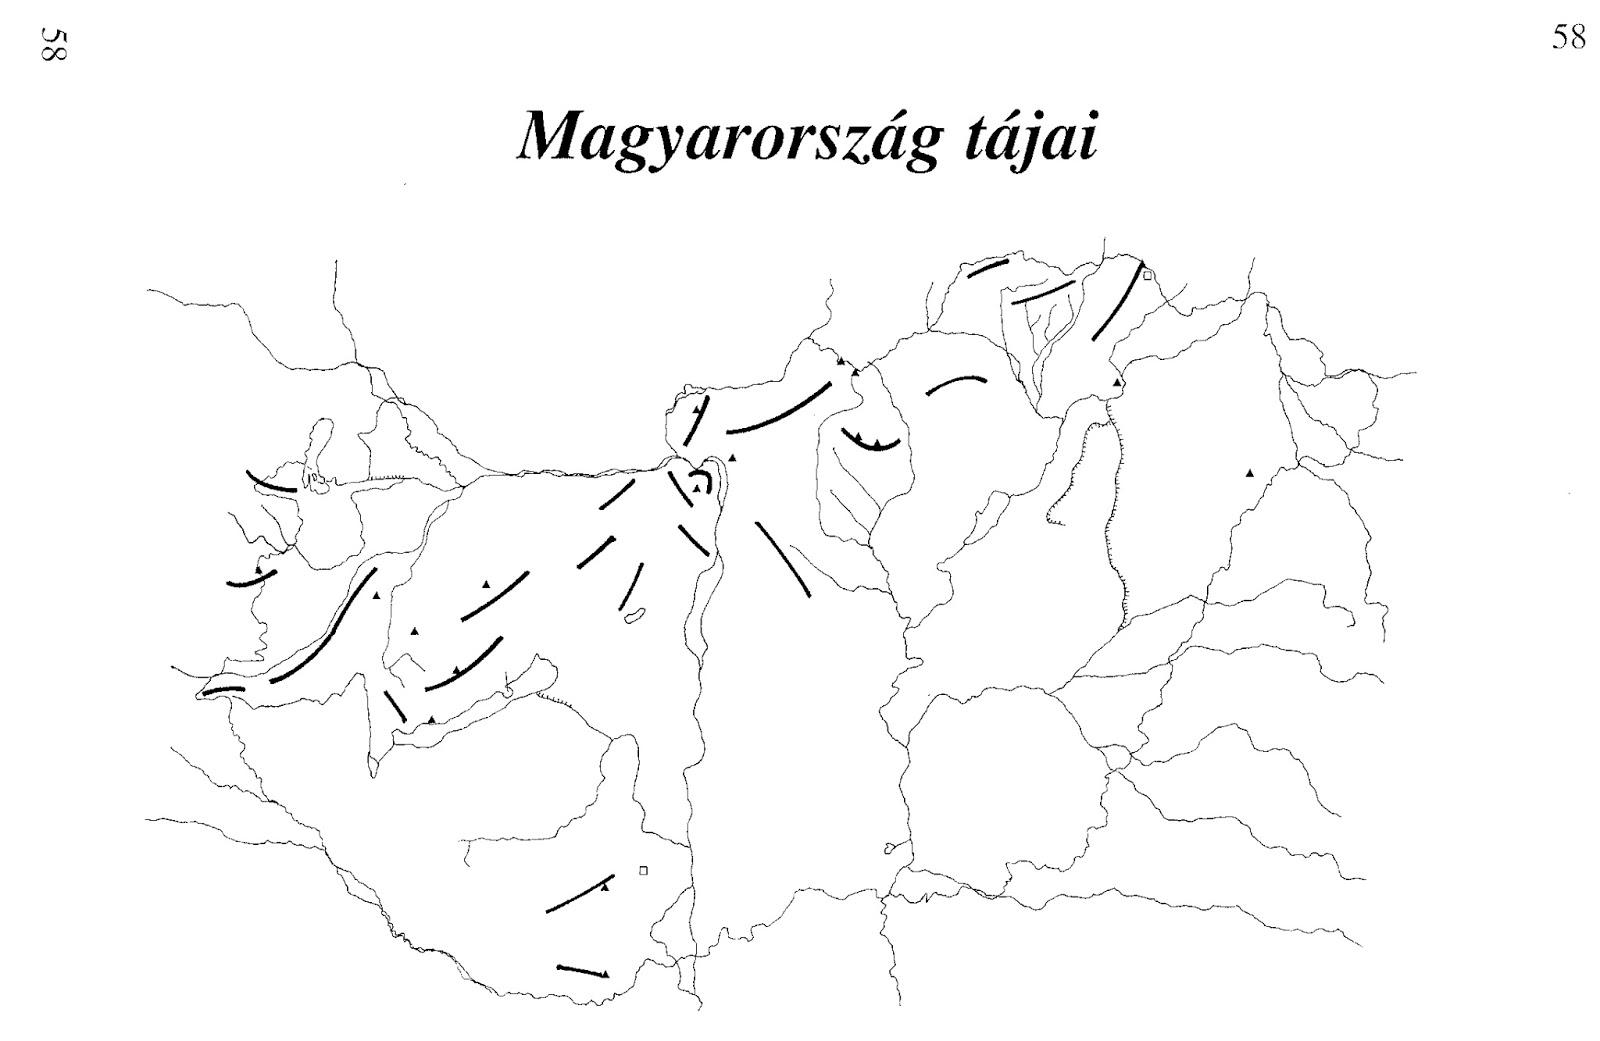 Röghegységek jelölése a térképen